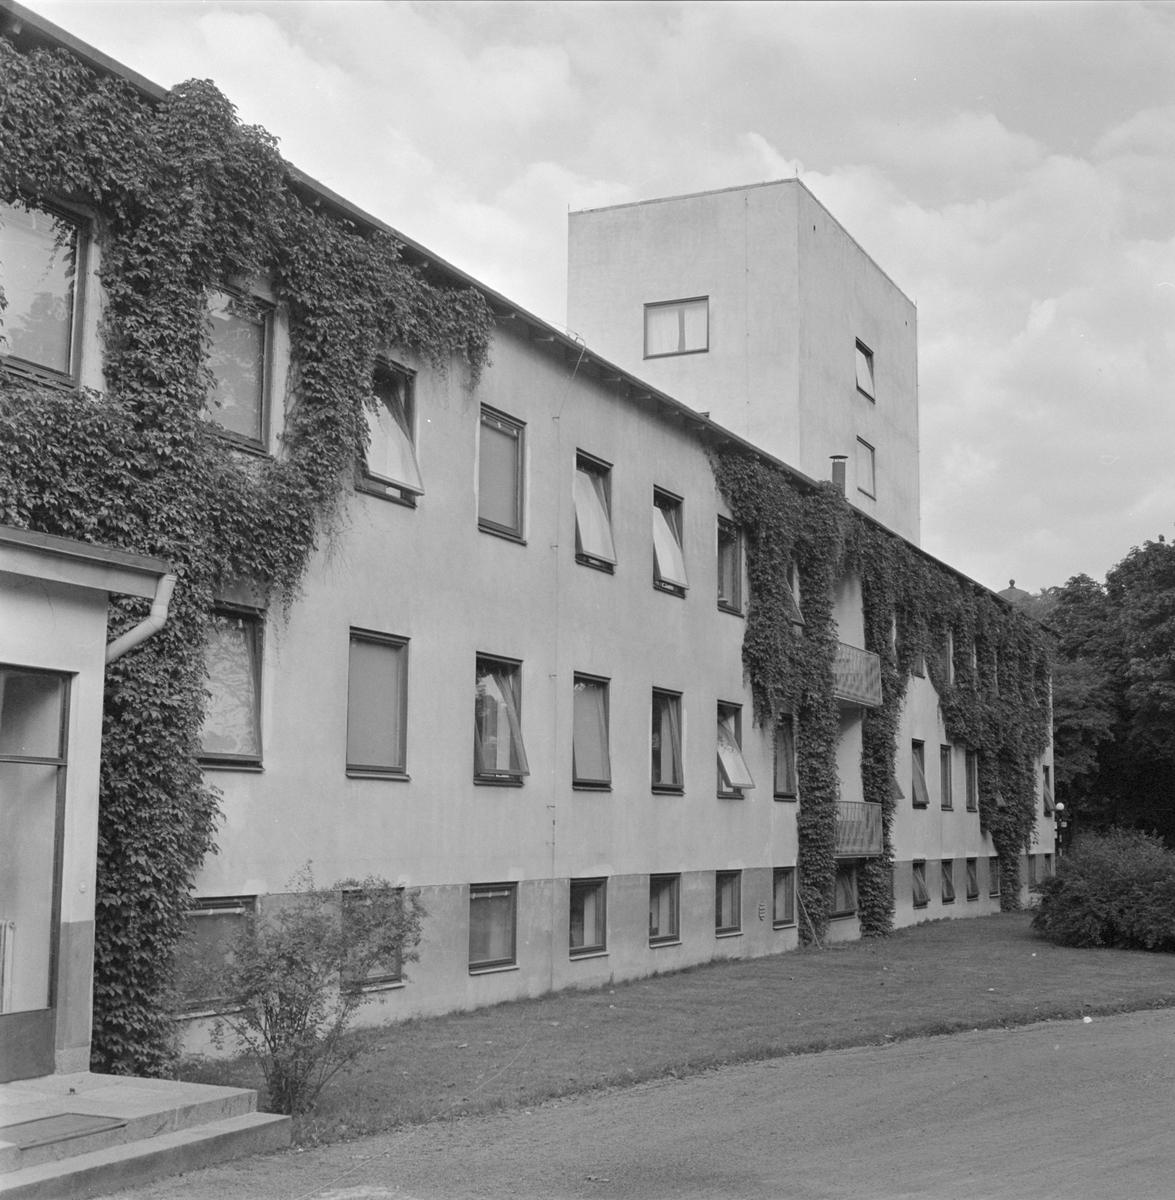 Akademiska sjukhusets sjuksköterskehem, Uppsala 1958